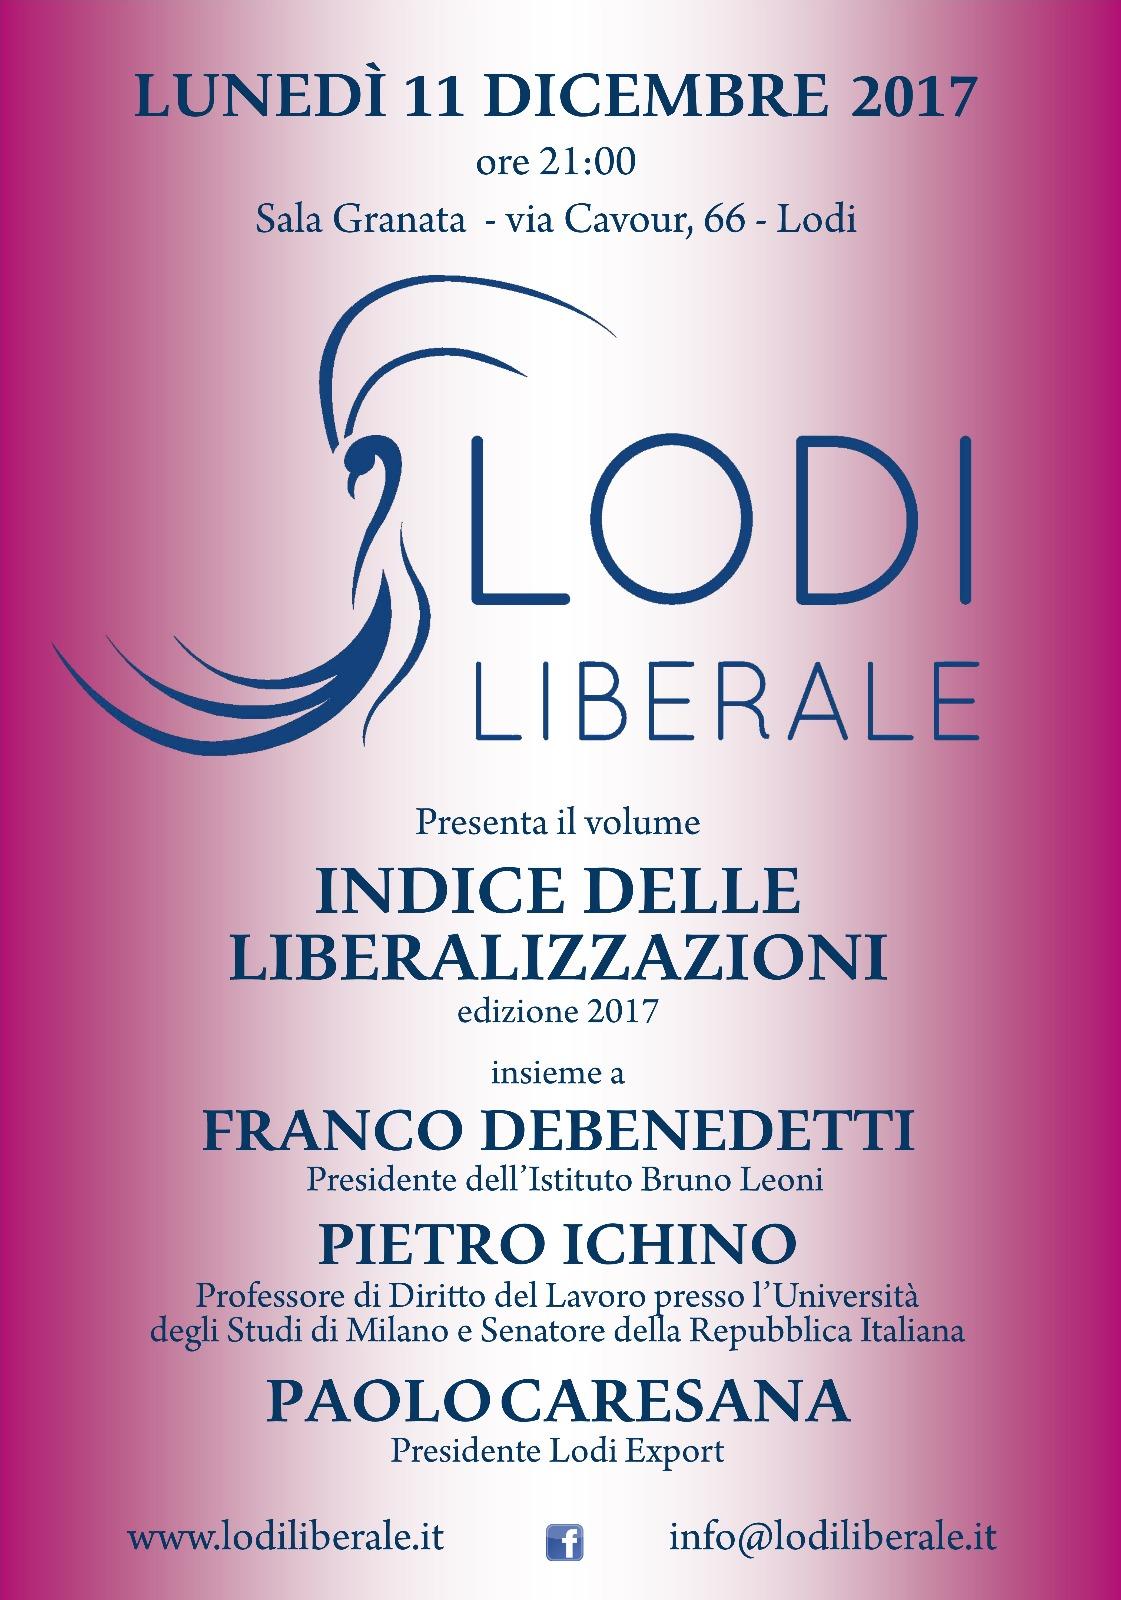 Lodi Liberale Manifesto Indice delle liberalizzazioni 2017 Pietro Ichino, Franco Debenedetti (1)